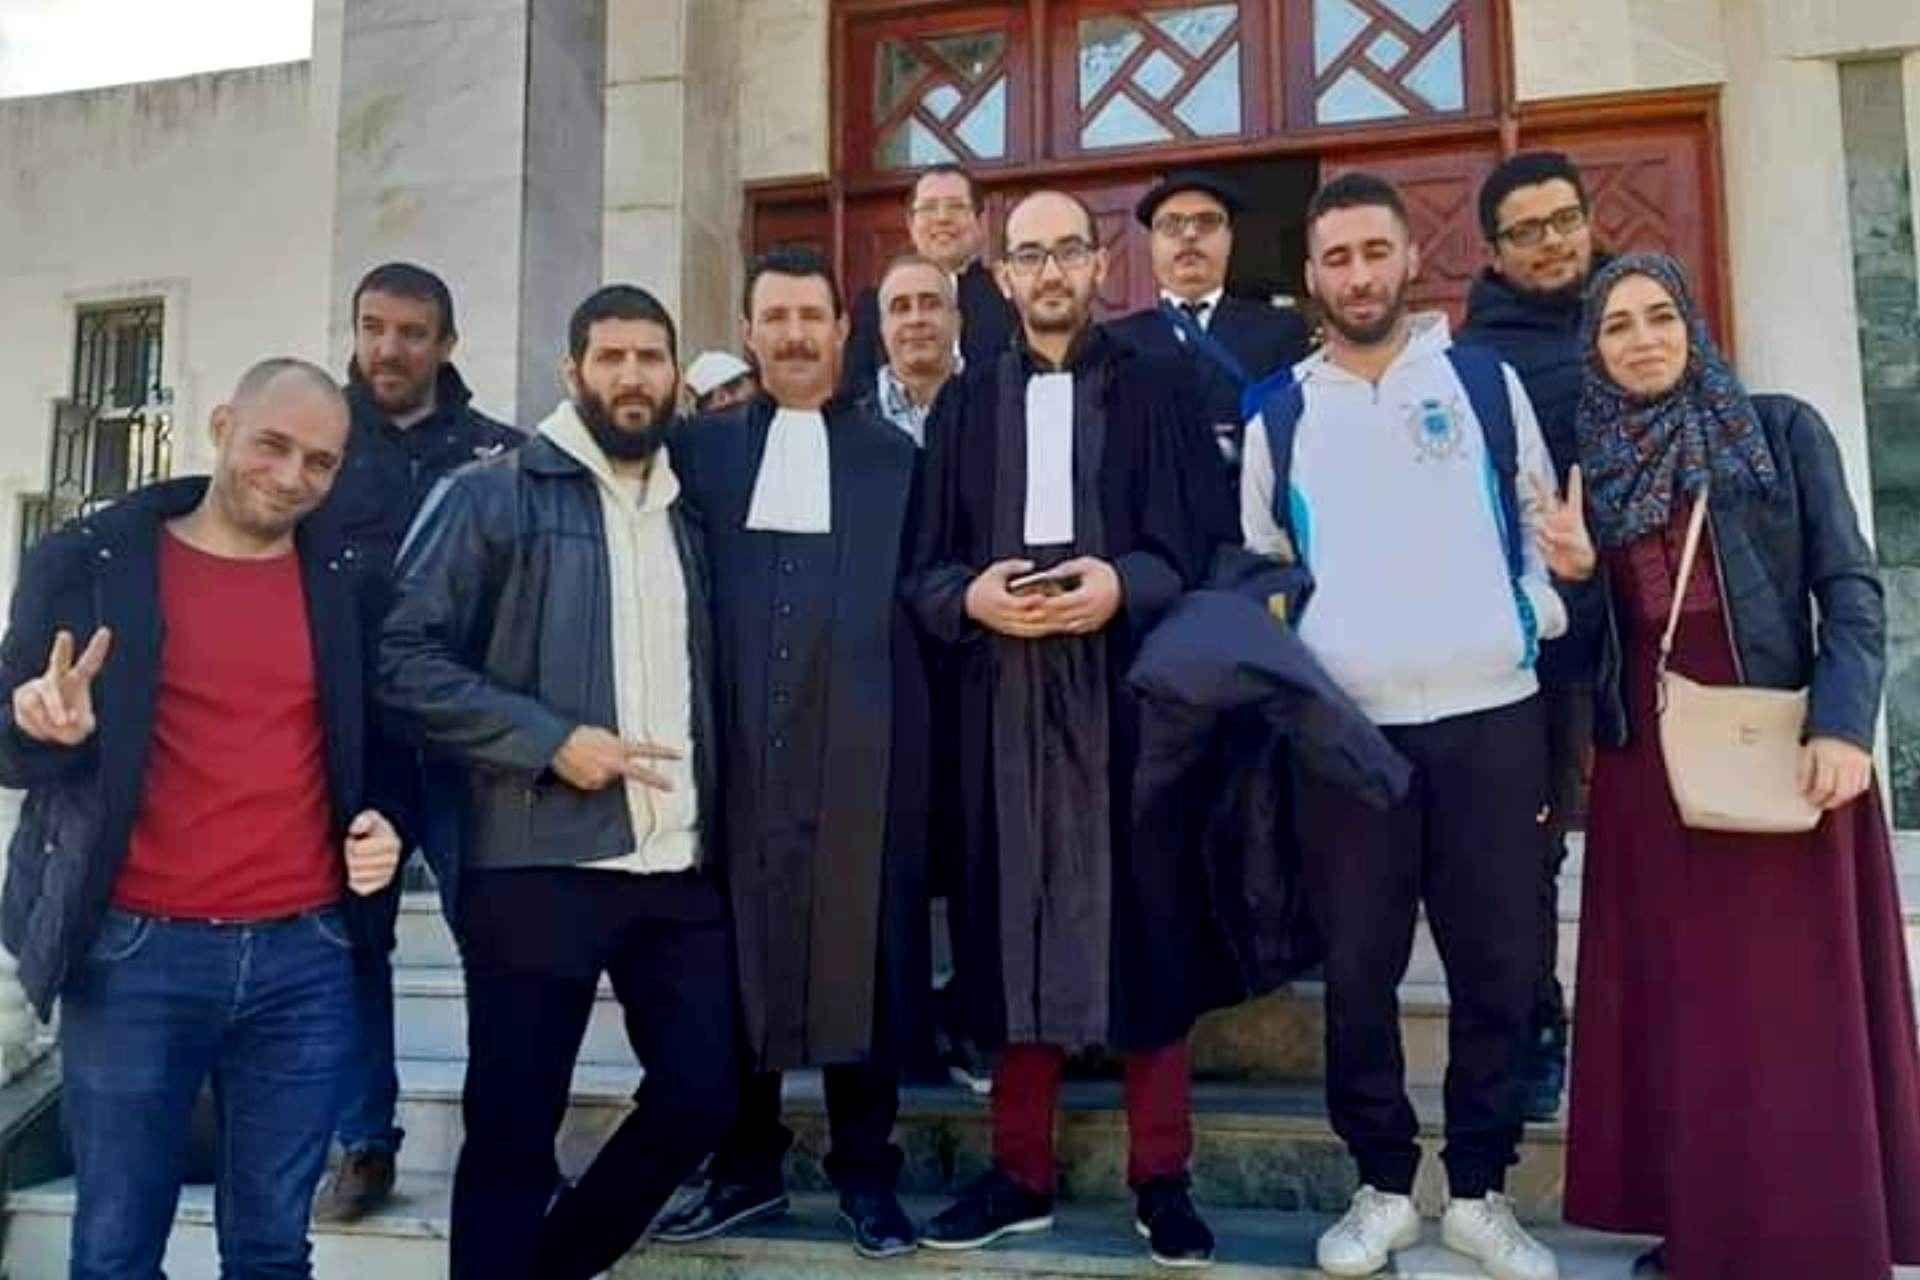 Samir Leftissi, le frère de Messaoud Leftissi, acquitté avec quatre autres manifestants par le tribunal de Skikda